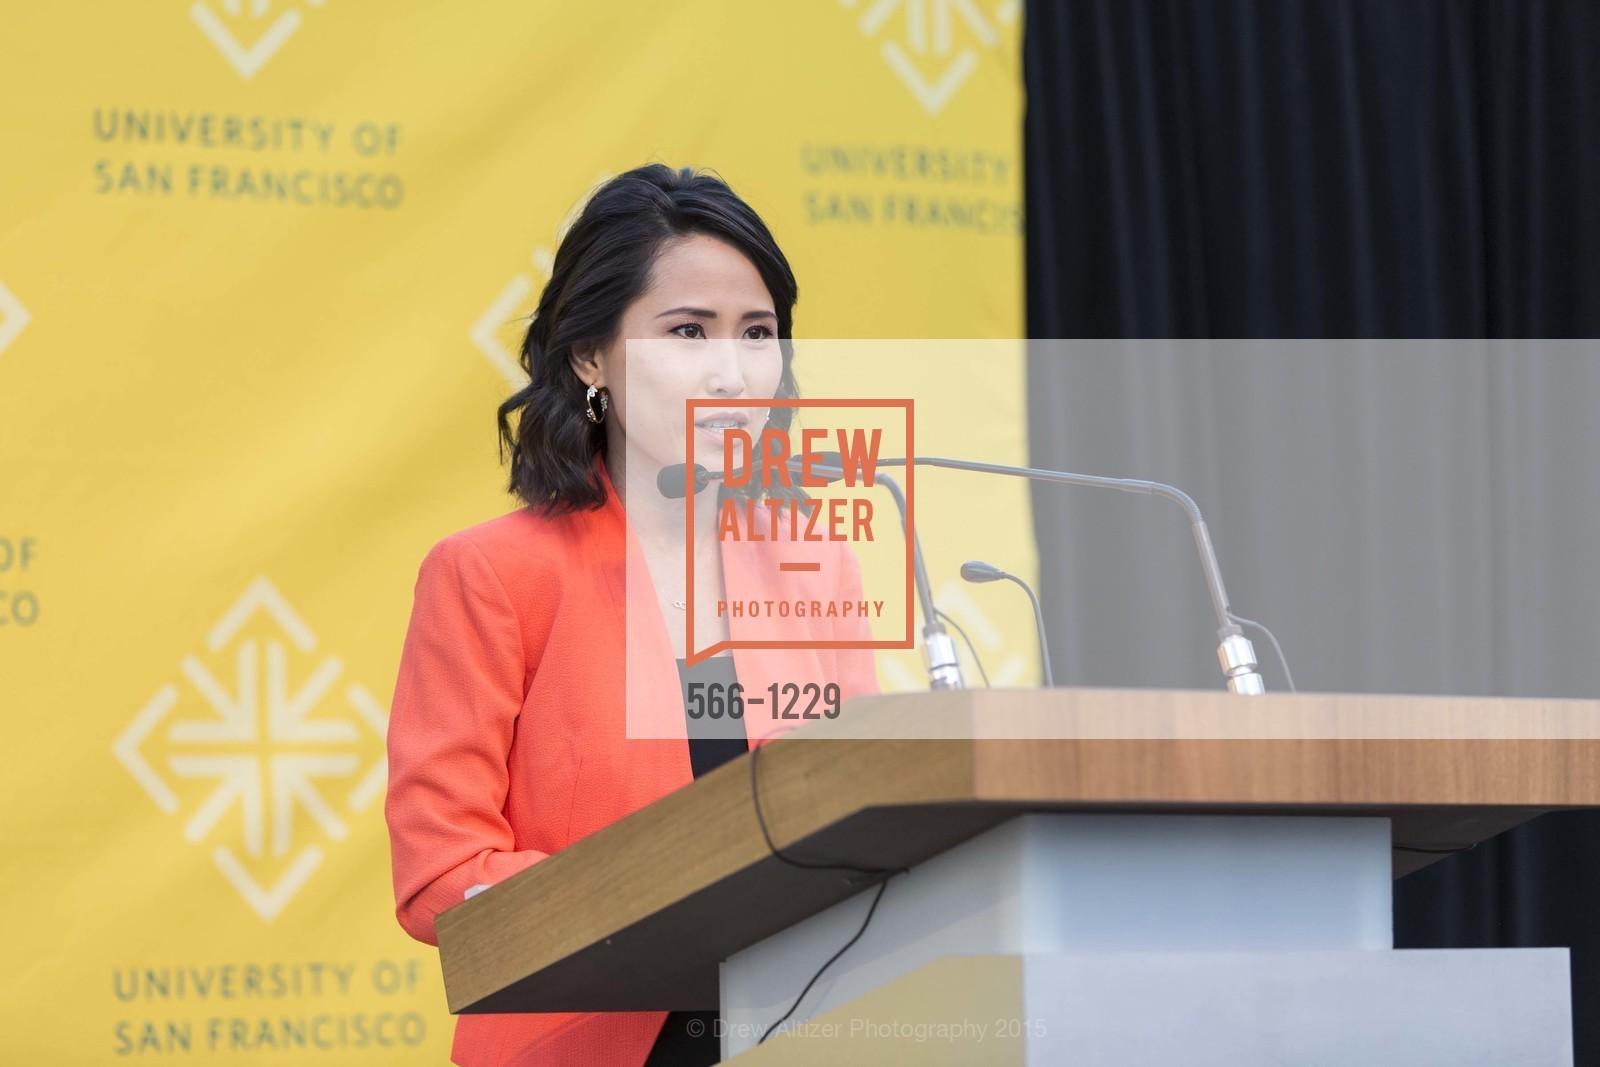 Vicky Nguyen, Photo #566-1229